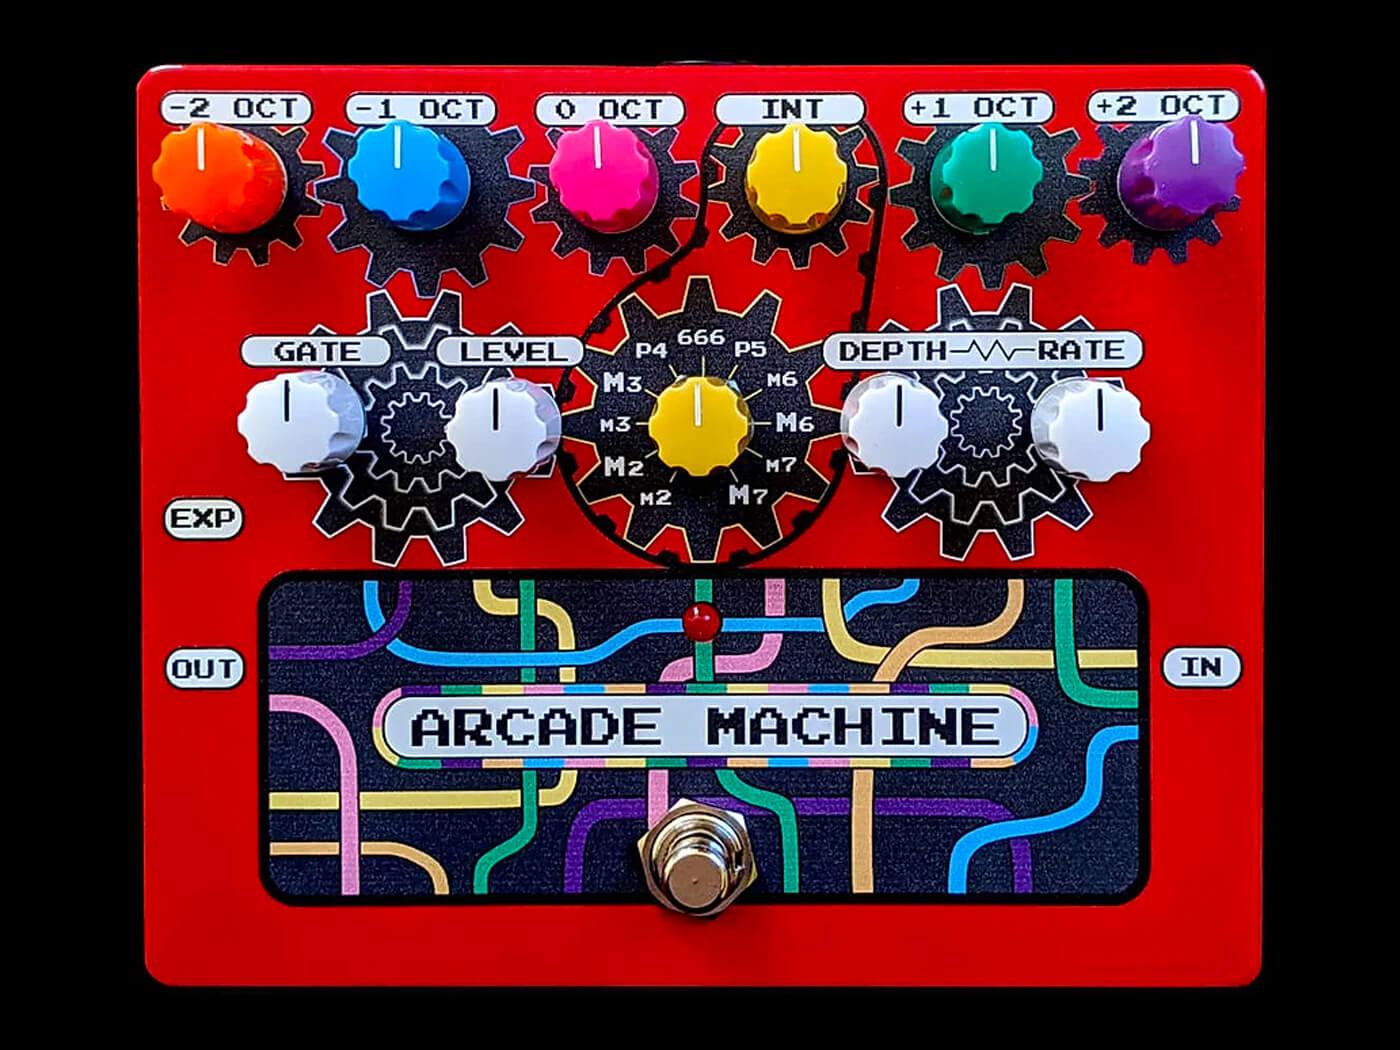 RPS Arcade Machine